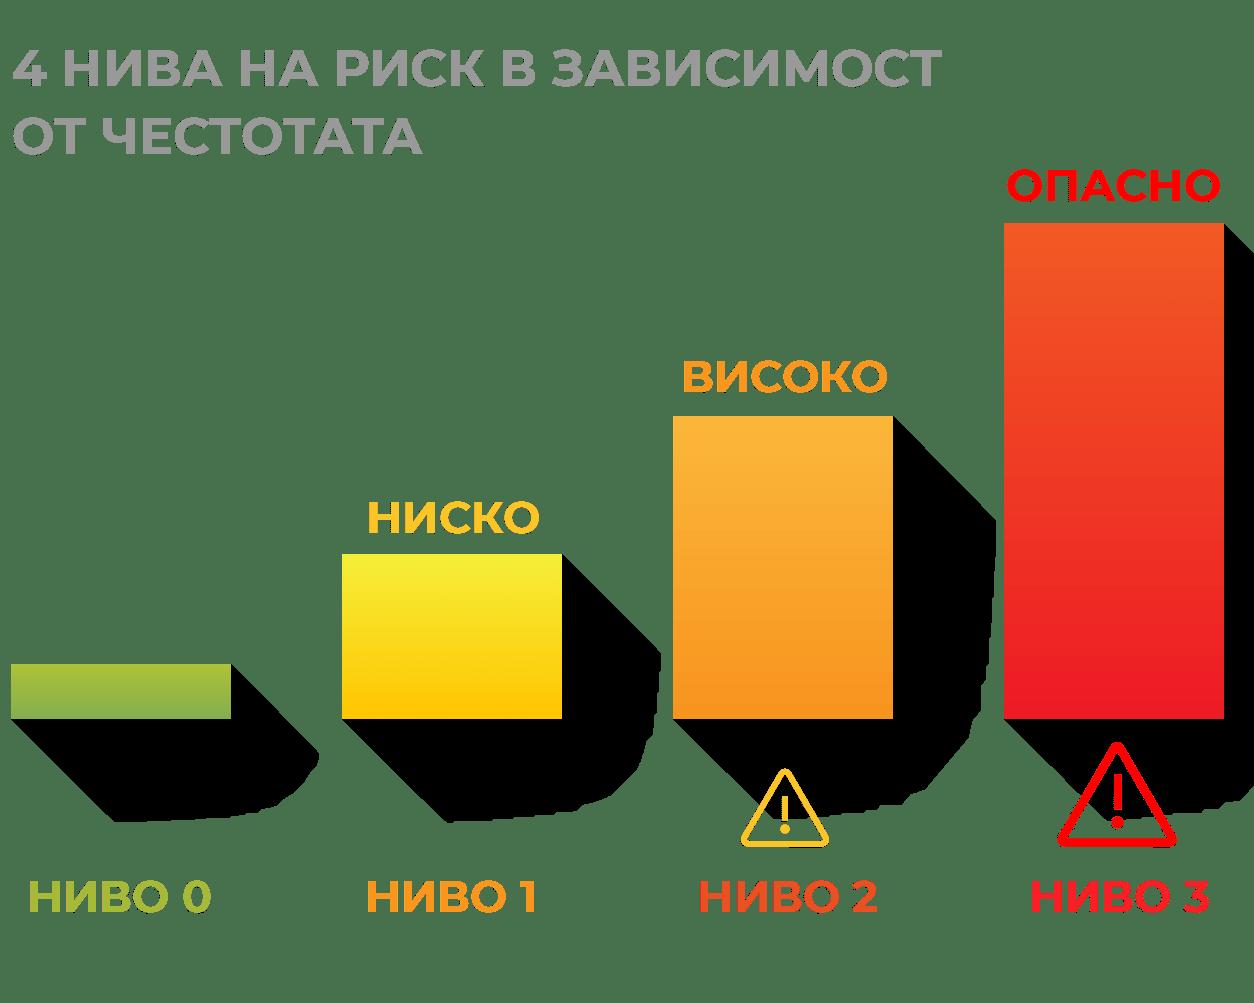 Технология HIRA (Heartbeat Irregularity Rate Analysis): анализ на честотата на аритмичен пулс